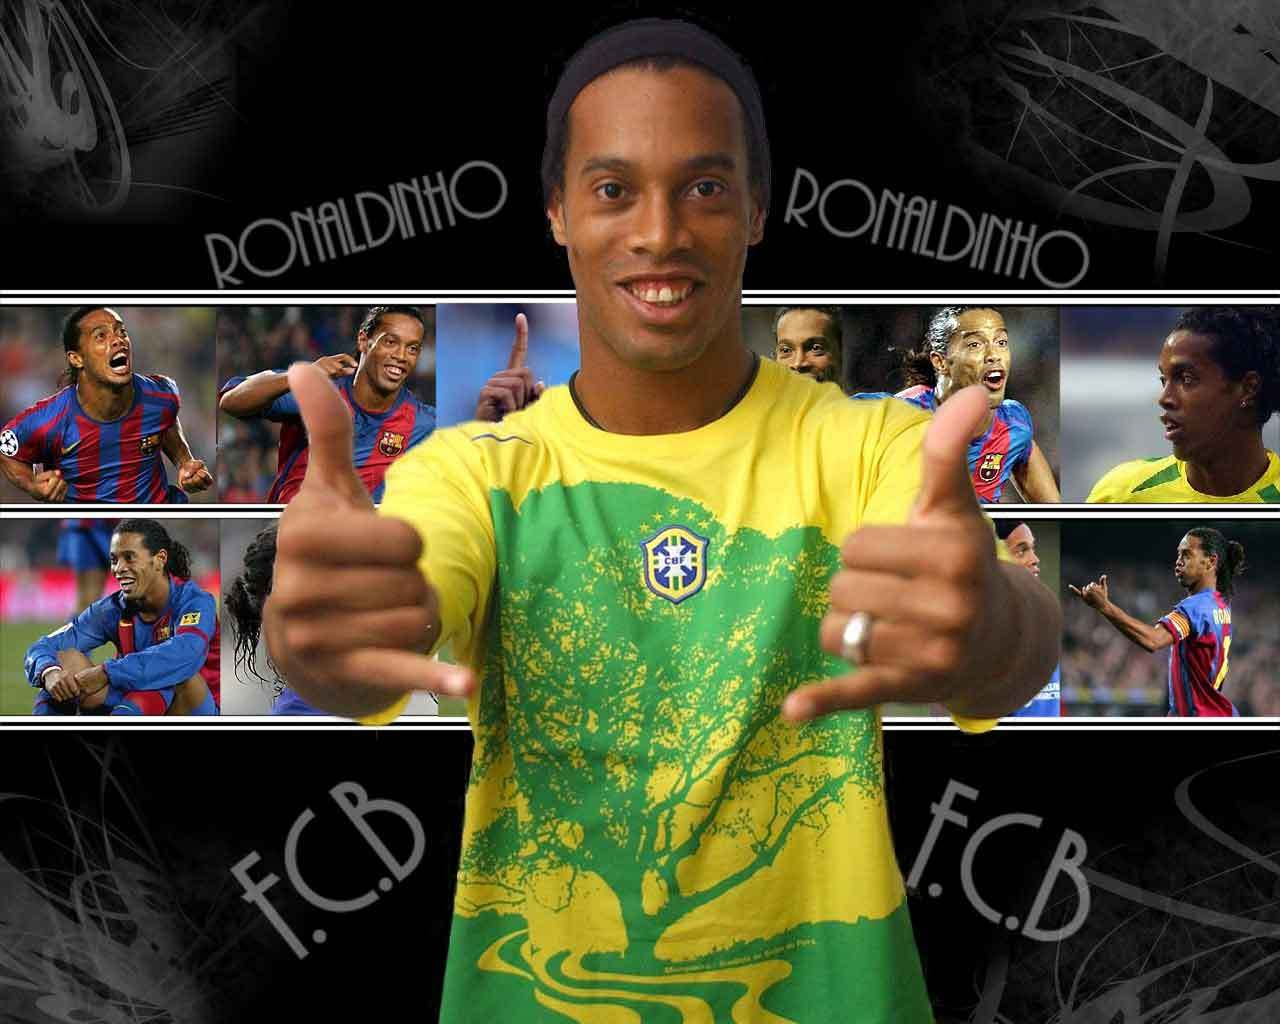 Téléchargez des images HD Ronaldinho gratuites